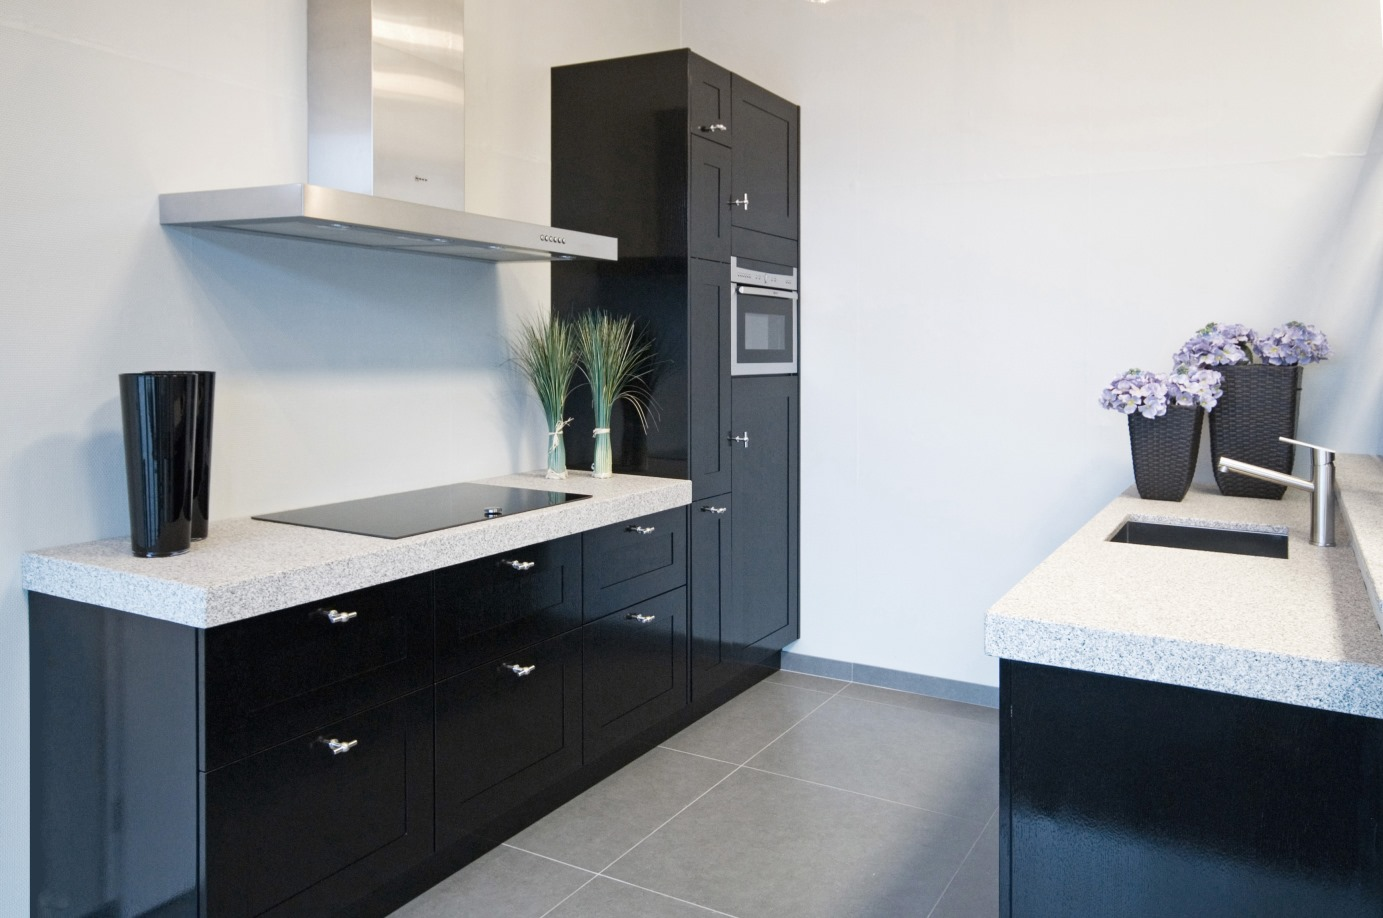 Leuke Keuken Wandtegels : Mooie keuken tegels unique mooi glazen deur gamma ikea design